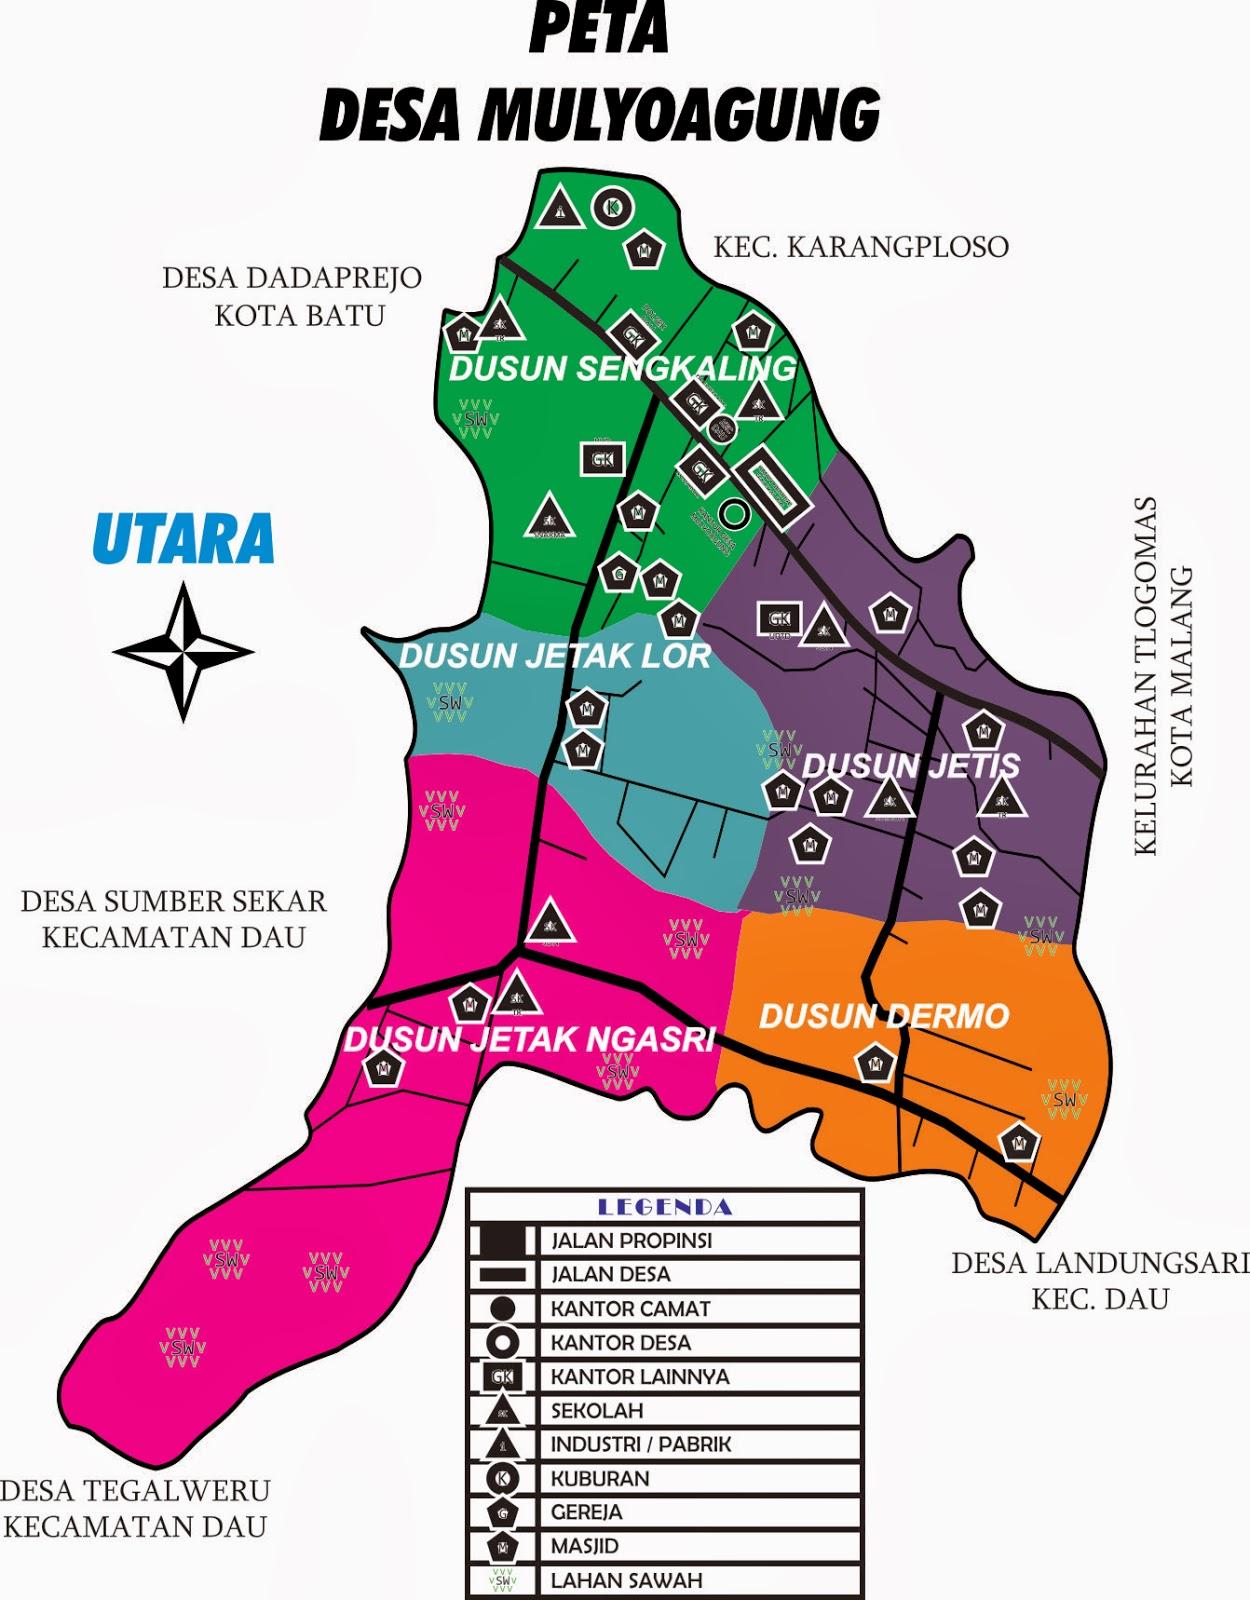 Desa Mulyoagung Gambaran Umum